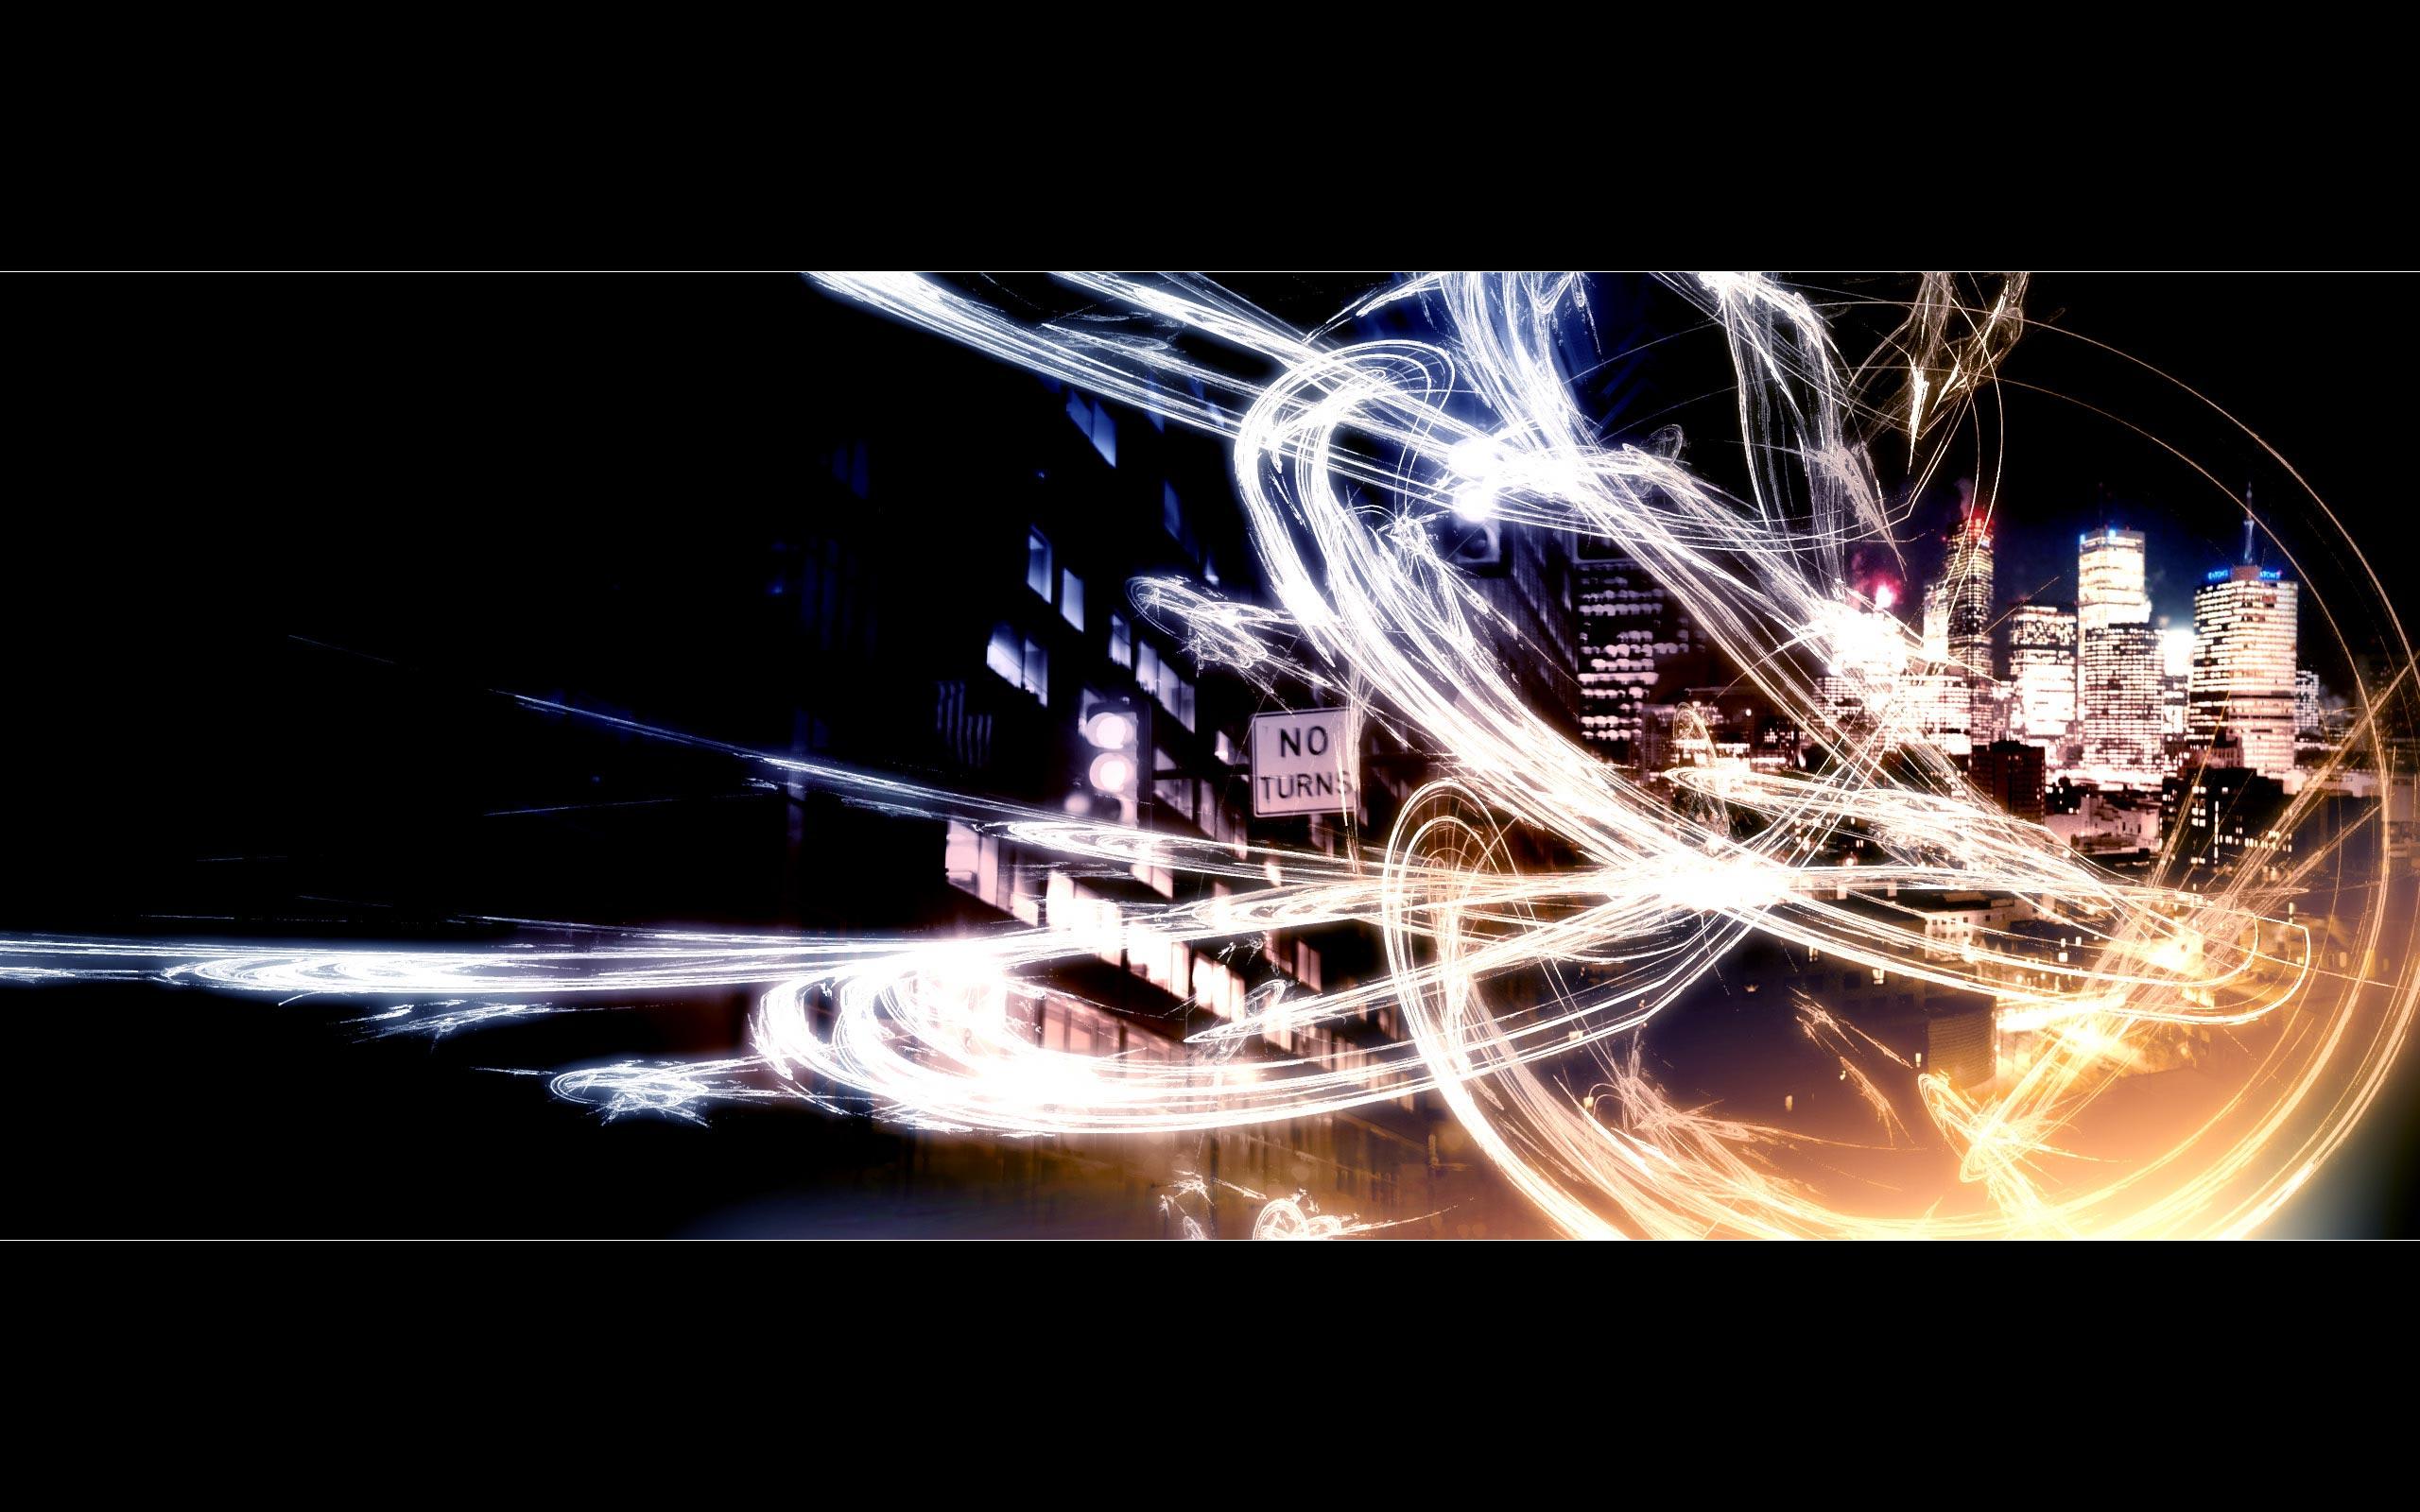 ecran wallpaper wide 0181jpg   Fond d cran fond ecran wallpaper 2560x1600